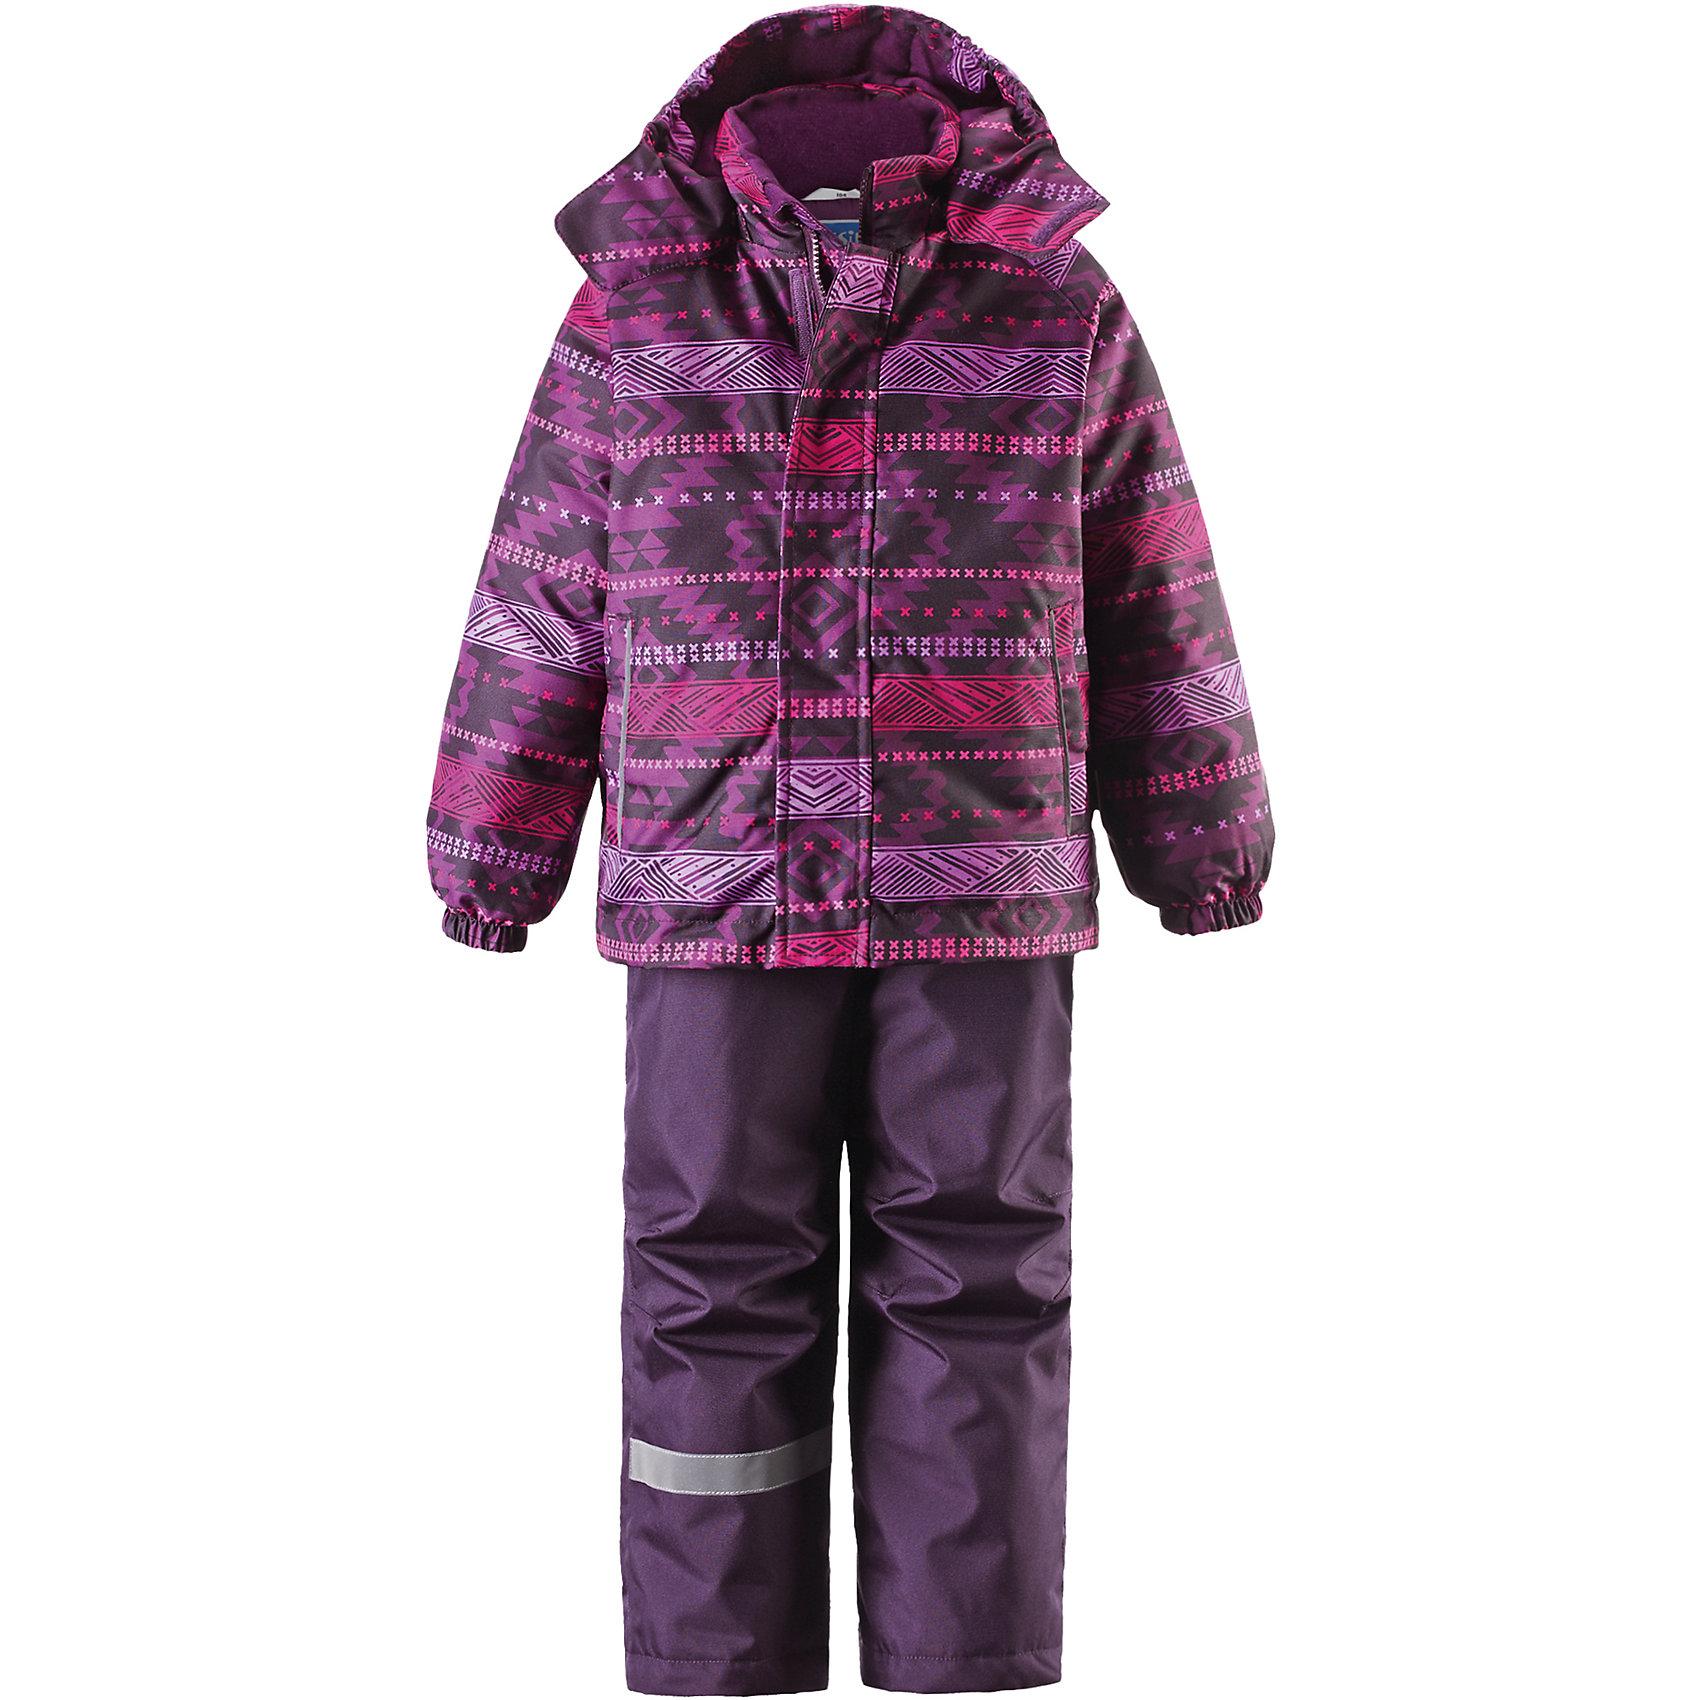 Комплект для девочки LASSIEЗимний комплект для детей известной финской марки.<br><br>- Сверхпрочный материал. Водоотталкивающий, ветронепроницаемый, «дышащий» и грязеотталкивающий материал.<br>- Задний серединный шов брюк проклеен. <br>- Гладкая подкладка из полиэстра.<br>-  Средняя степень утепления.<br>-  Безопасный, съемный капюшон.<br>-  Эластичные манжеты. Эластичная талия. <br>- Снегозащитные манжеты на штанинах. <br>- Ширинка на молнии. Два прорезных кармана.<br>-  Регулируемые и отстегивающиеся эластичные подтяжки. <br>- Принт по всей поверхности.  <br><br>Рекомендации по уходу: Стирать по отдельности, вывернув наизнанку. Застегнуть молнии и липучки. Соблюдать температуру в соответствии с руководством по уходу. Стирать моющим средством, не содержащим отбеливающие вещества. Полоскать без специального средства. Сушение в сушильном шкафу разрешено при  низкой температуре.<br><br>Состав: 100% Полиамид, полиуретановое покрытие.  Утеплитель «Lassie wadding» 100гр.(брюки); 180гр.(куртка).<br><br>Ширина мм: 190<br>Глубина мм: 74<br>Высота мм: 229<br>Вес г: 236<br>Цвет: фиолетовый<br>Возраст от месяцев: 18<br>Возраст до месяцев: 24<br>Пол: Женский<br>Возраст: Детский<br>Размер: 92,98,104,110,116,122,128,134,140<br>SKU: 4782128